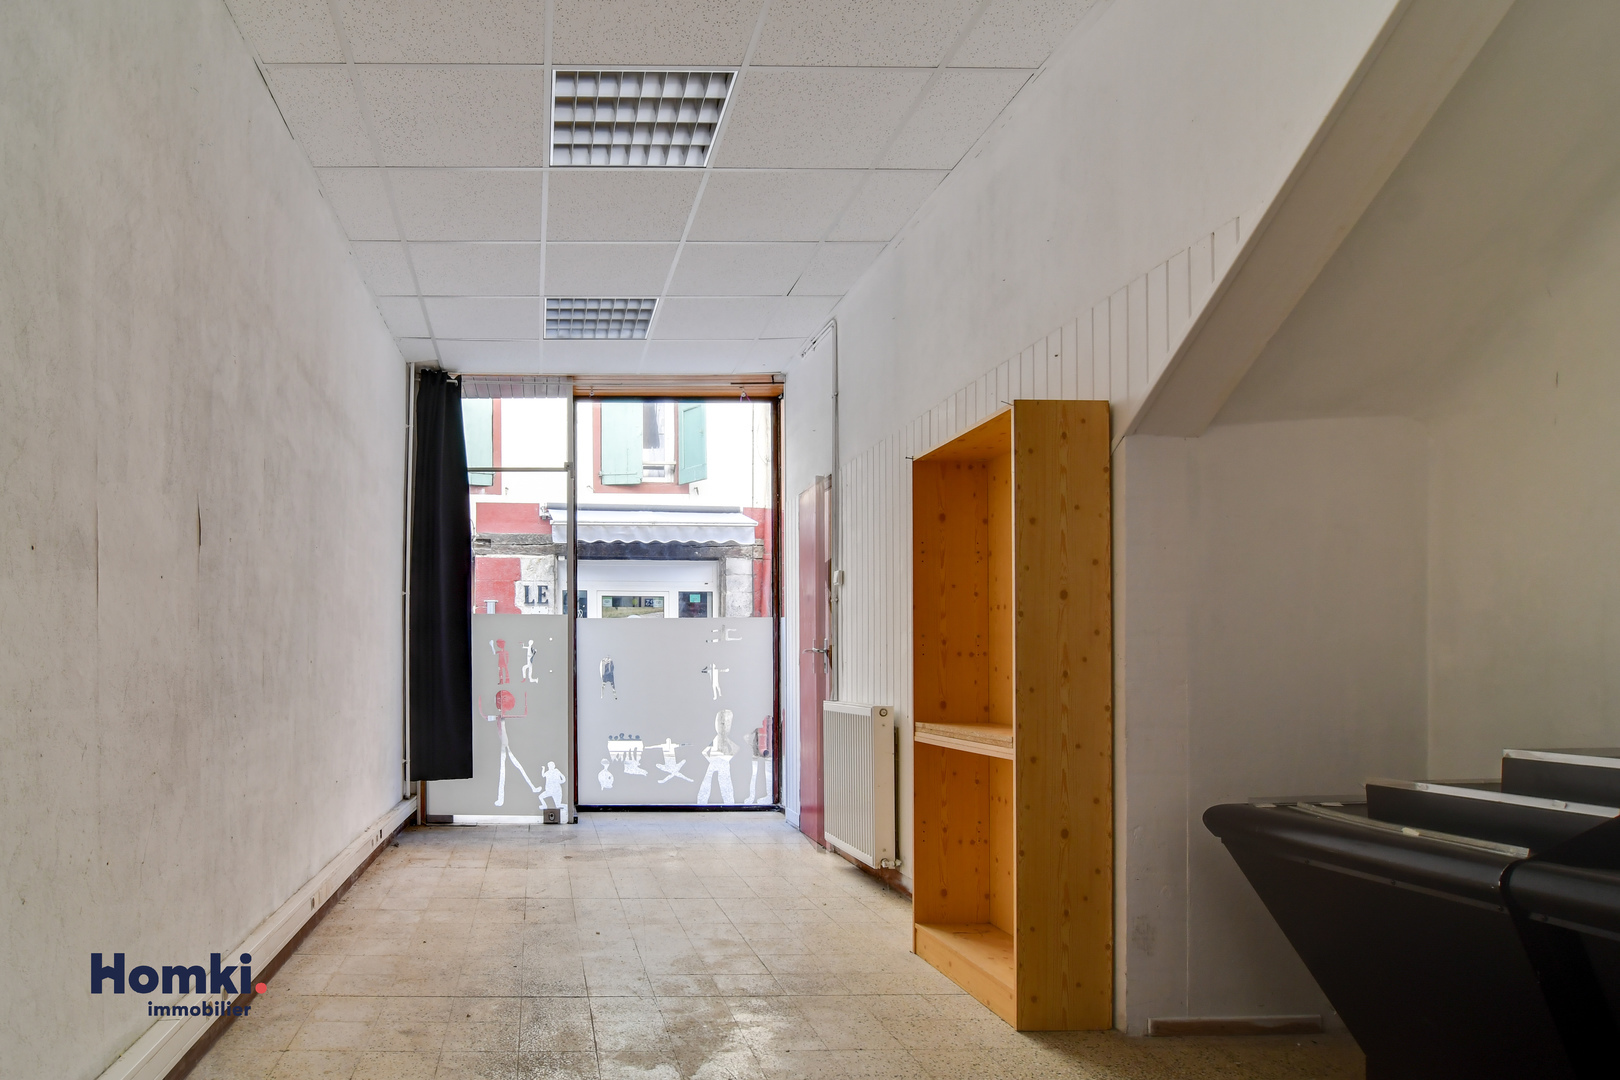 Vente maison de ville immeuble digne les bains immobilier agence immobilière digne les bains 104m² T4 04000